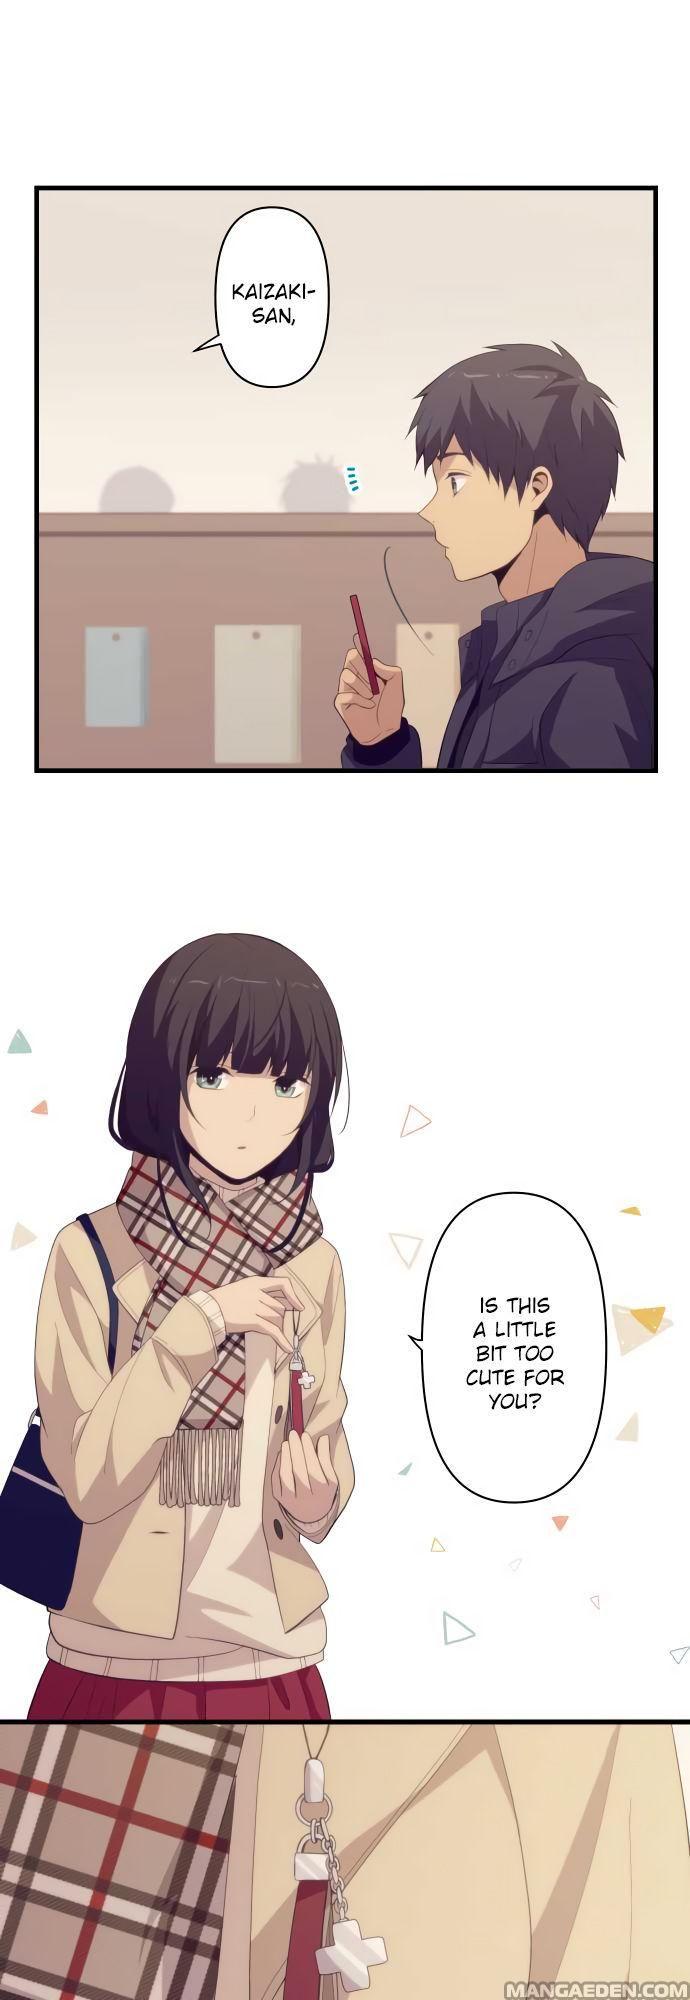 Manga ReLIFE Chapter 195 Page 0 Manga, Anime, Chapter